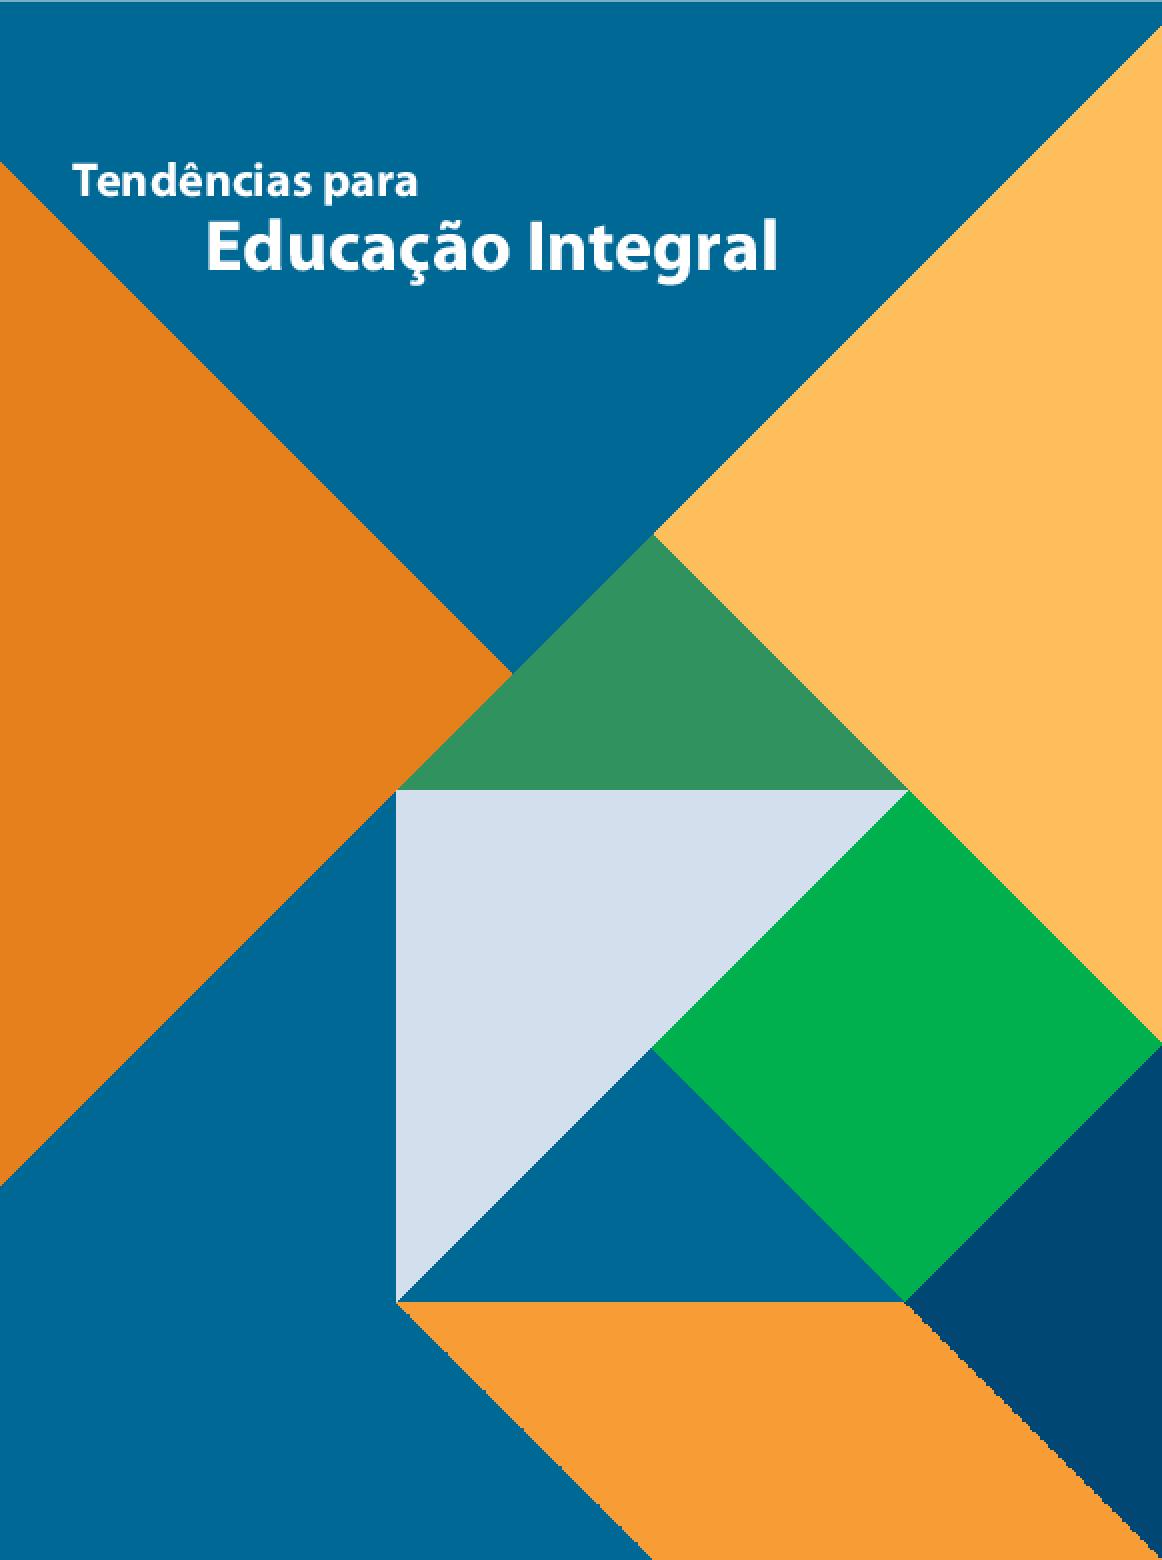 Tendências para a educação integral